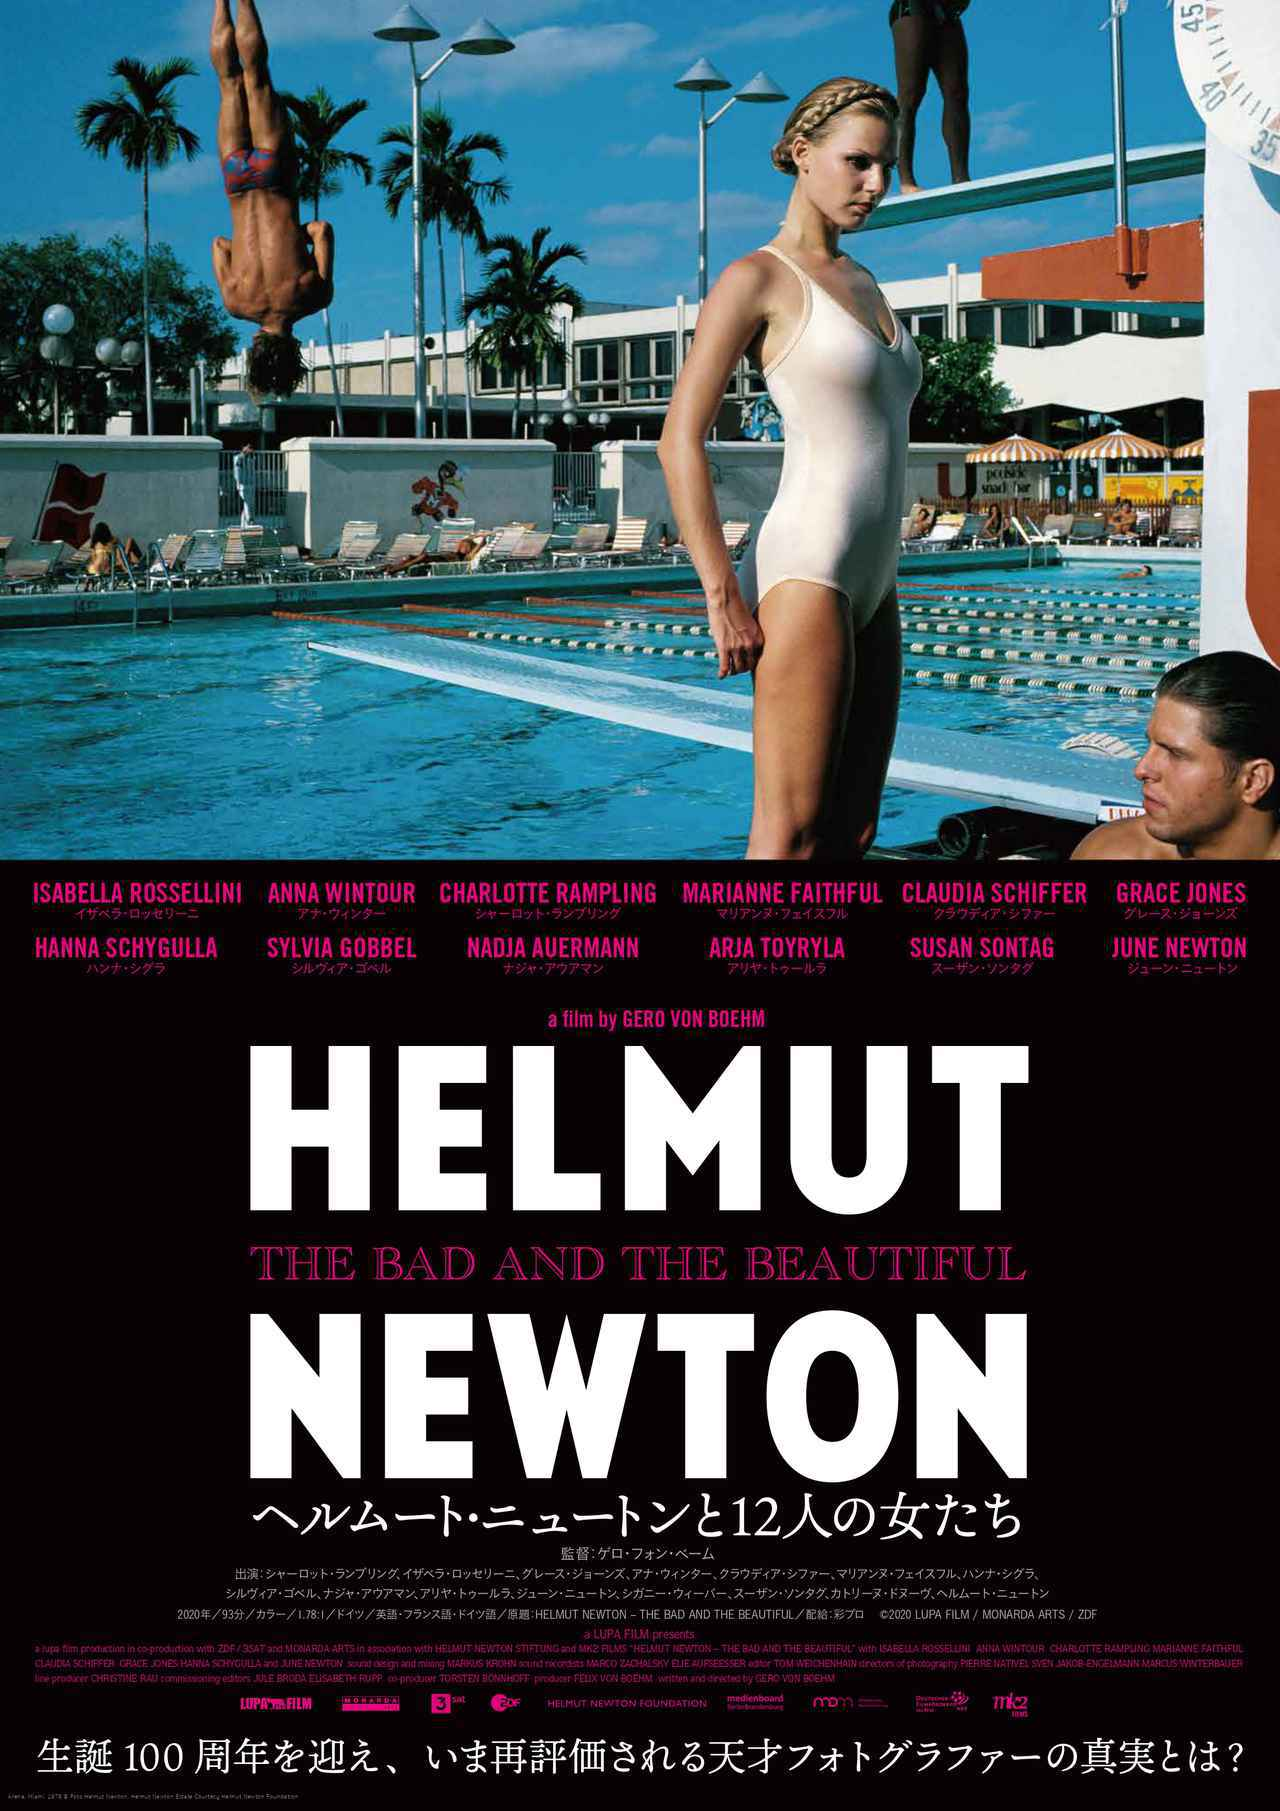 """画像: """"20 世紀を最も騒がせた写真家""""ニュートンと仕事をした石田えりさんや、オファーされたときの感想を語る叶美香さんの貴重なコメント到着!『ヘルムート・ニュートンと 12 人の女たち』"""